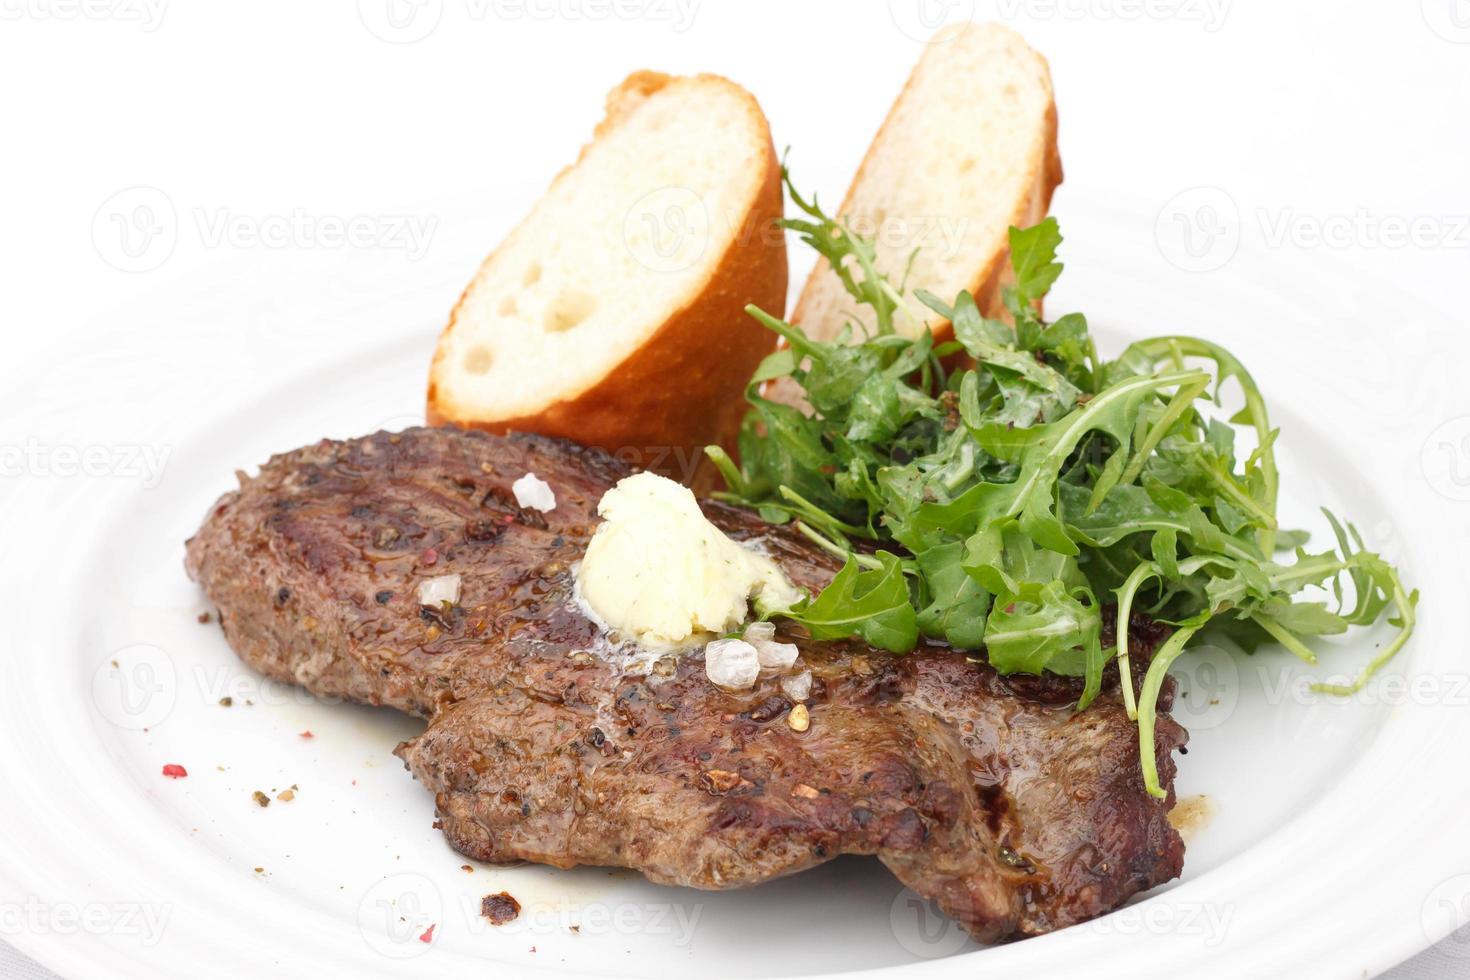 perfect gebraden varkensrib eye steak met stokbrood foto